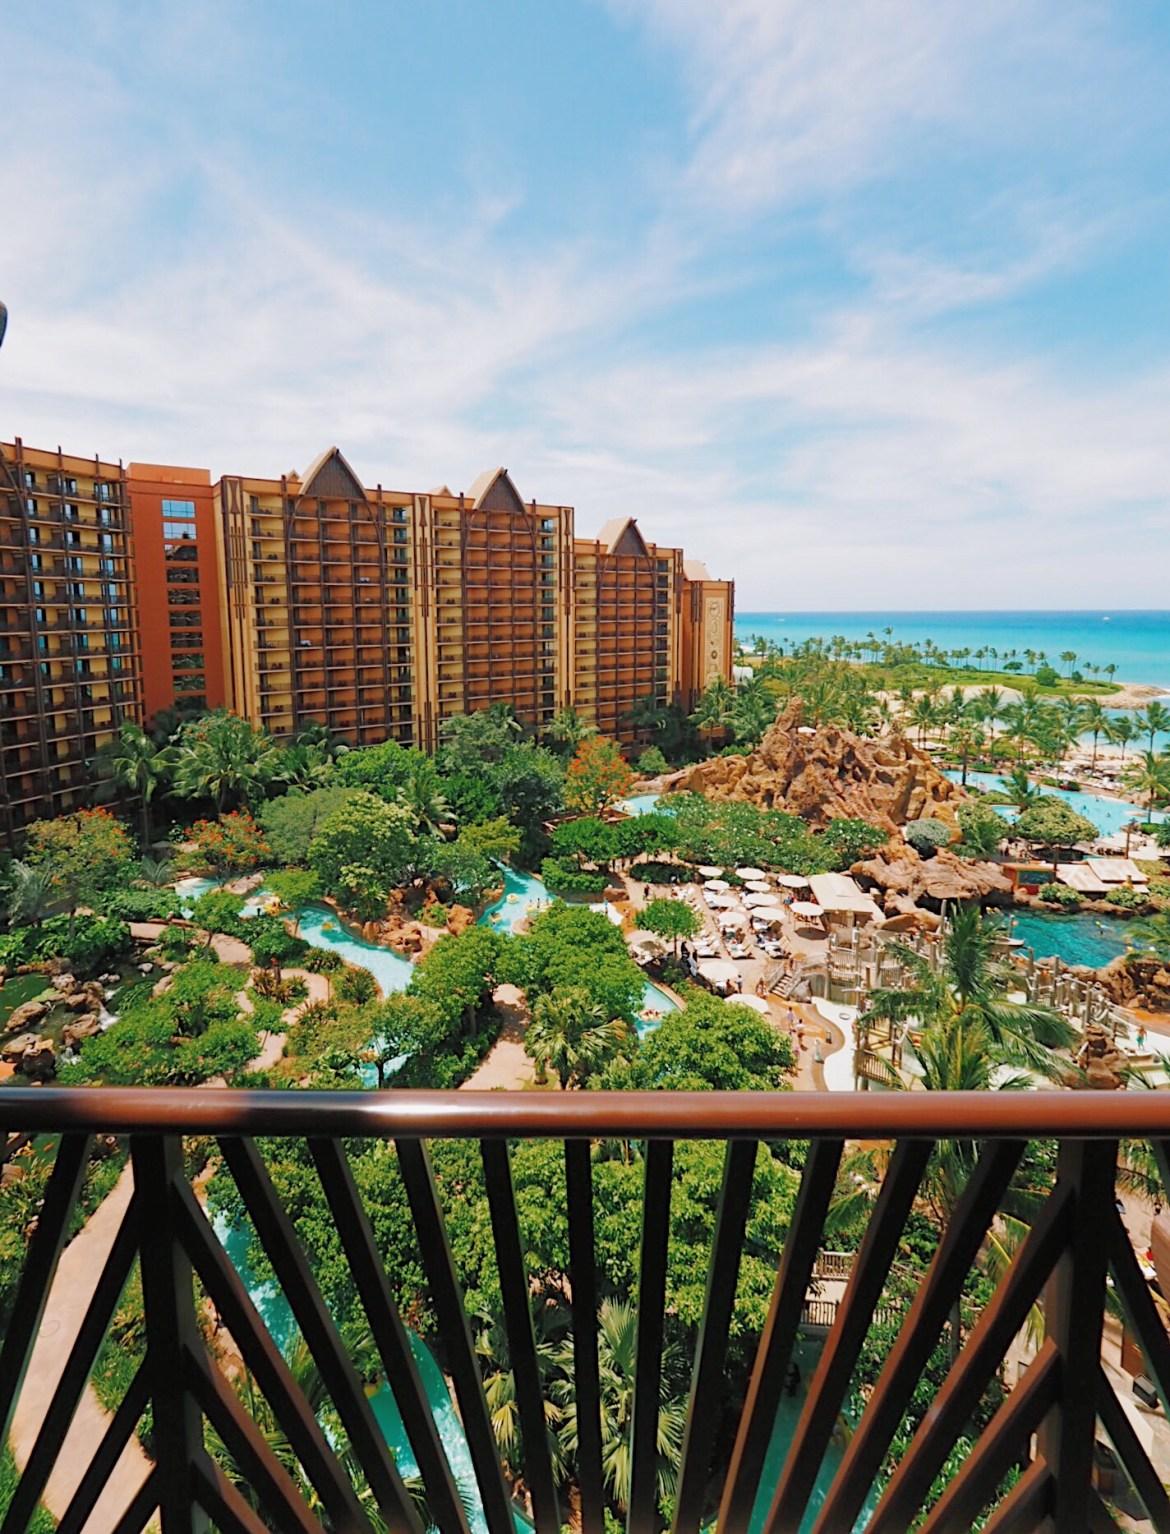 59e1b4e9 e6f6 4fee 8788 6add7a0ec17c - Aulani, A Disney Resort & Spa  - 家族で、女子旅で泊まりたい!ディズニーマジックのかかったハワイのリゾート